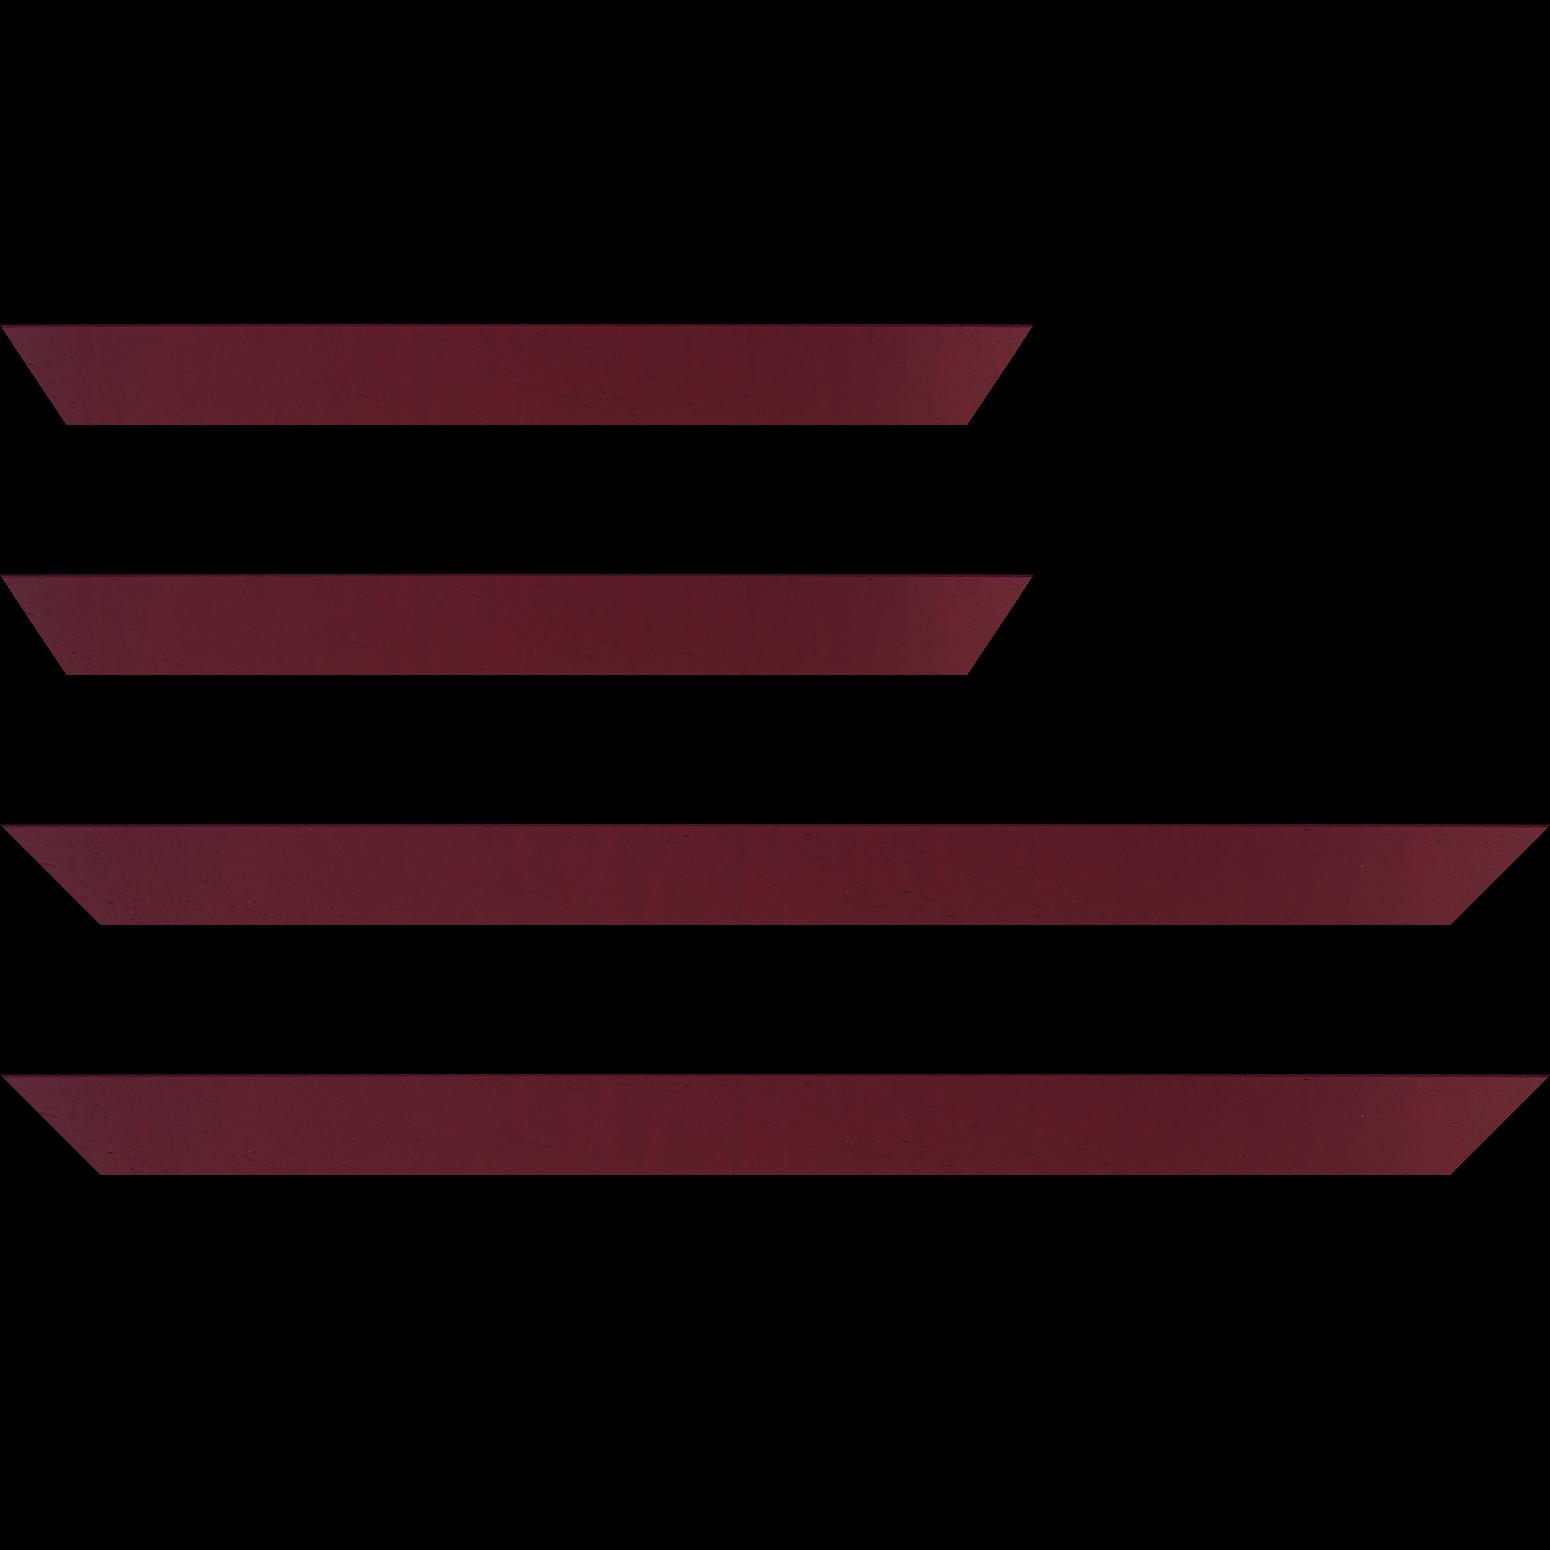 Baguette service précoupé Bois profil plat largeur 3cm couleur bordeaux satiné